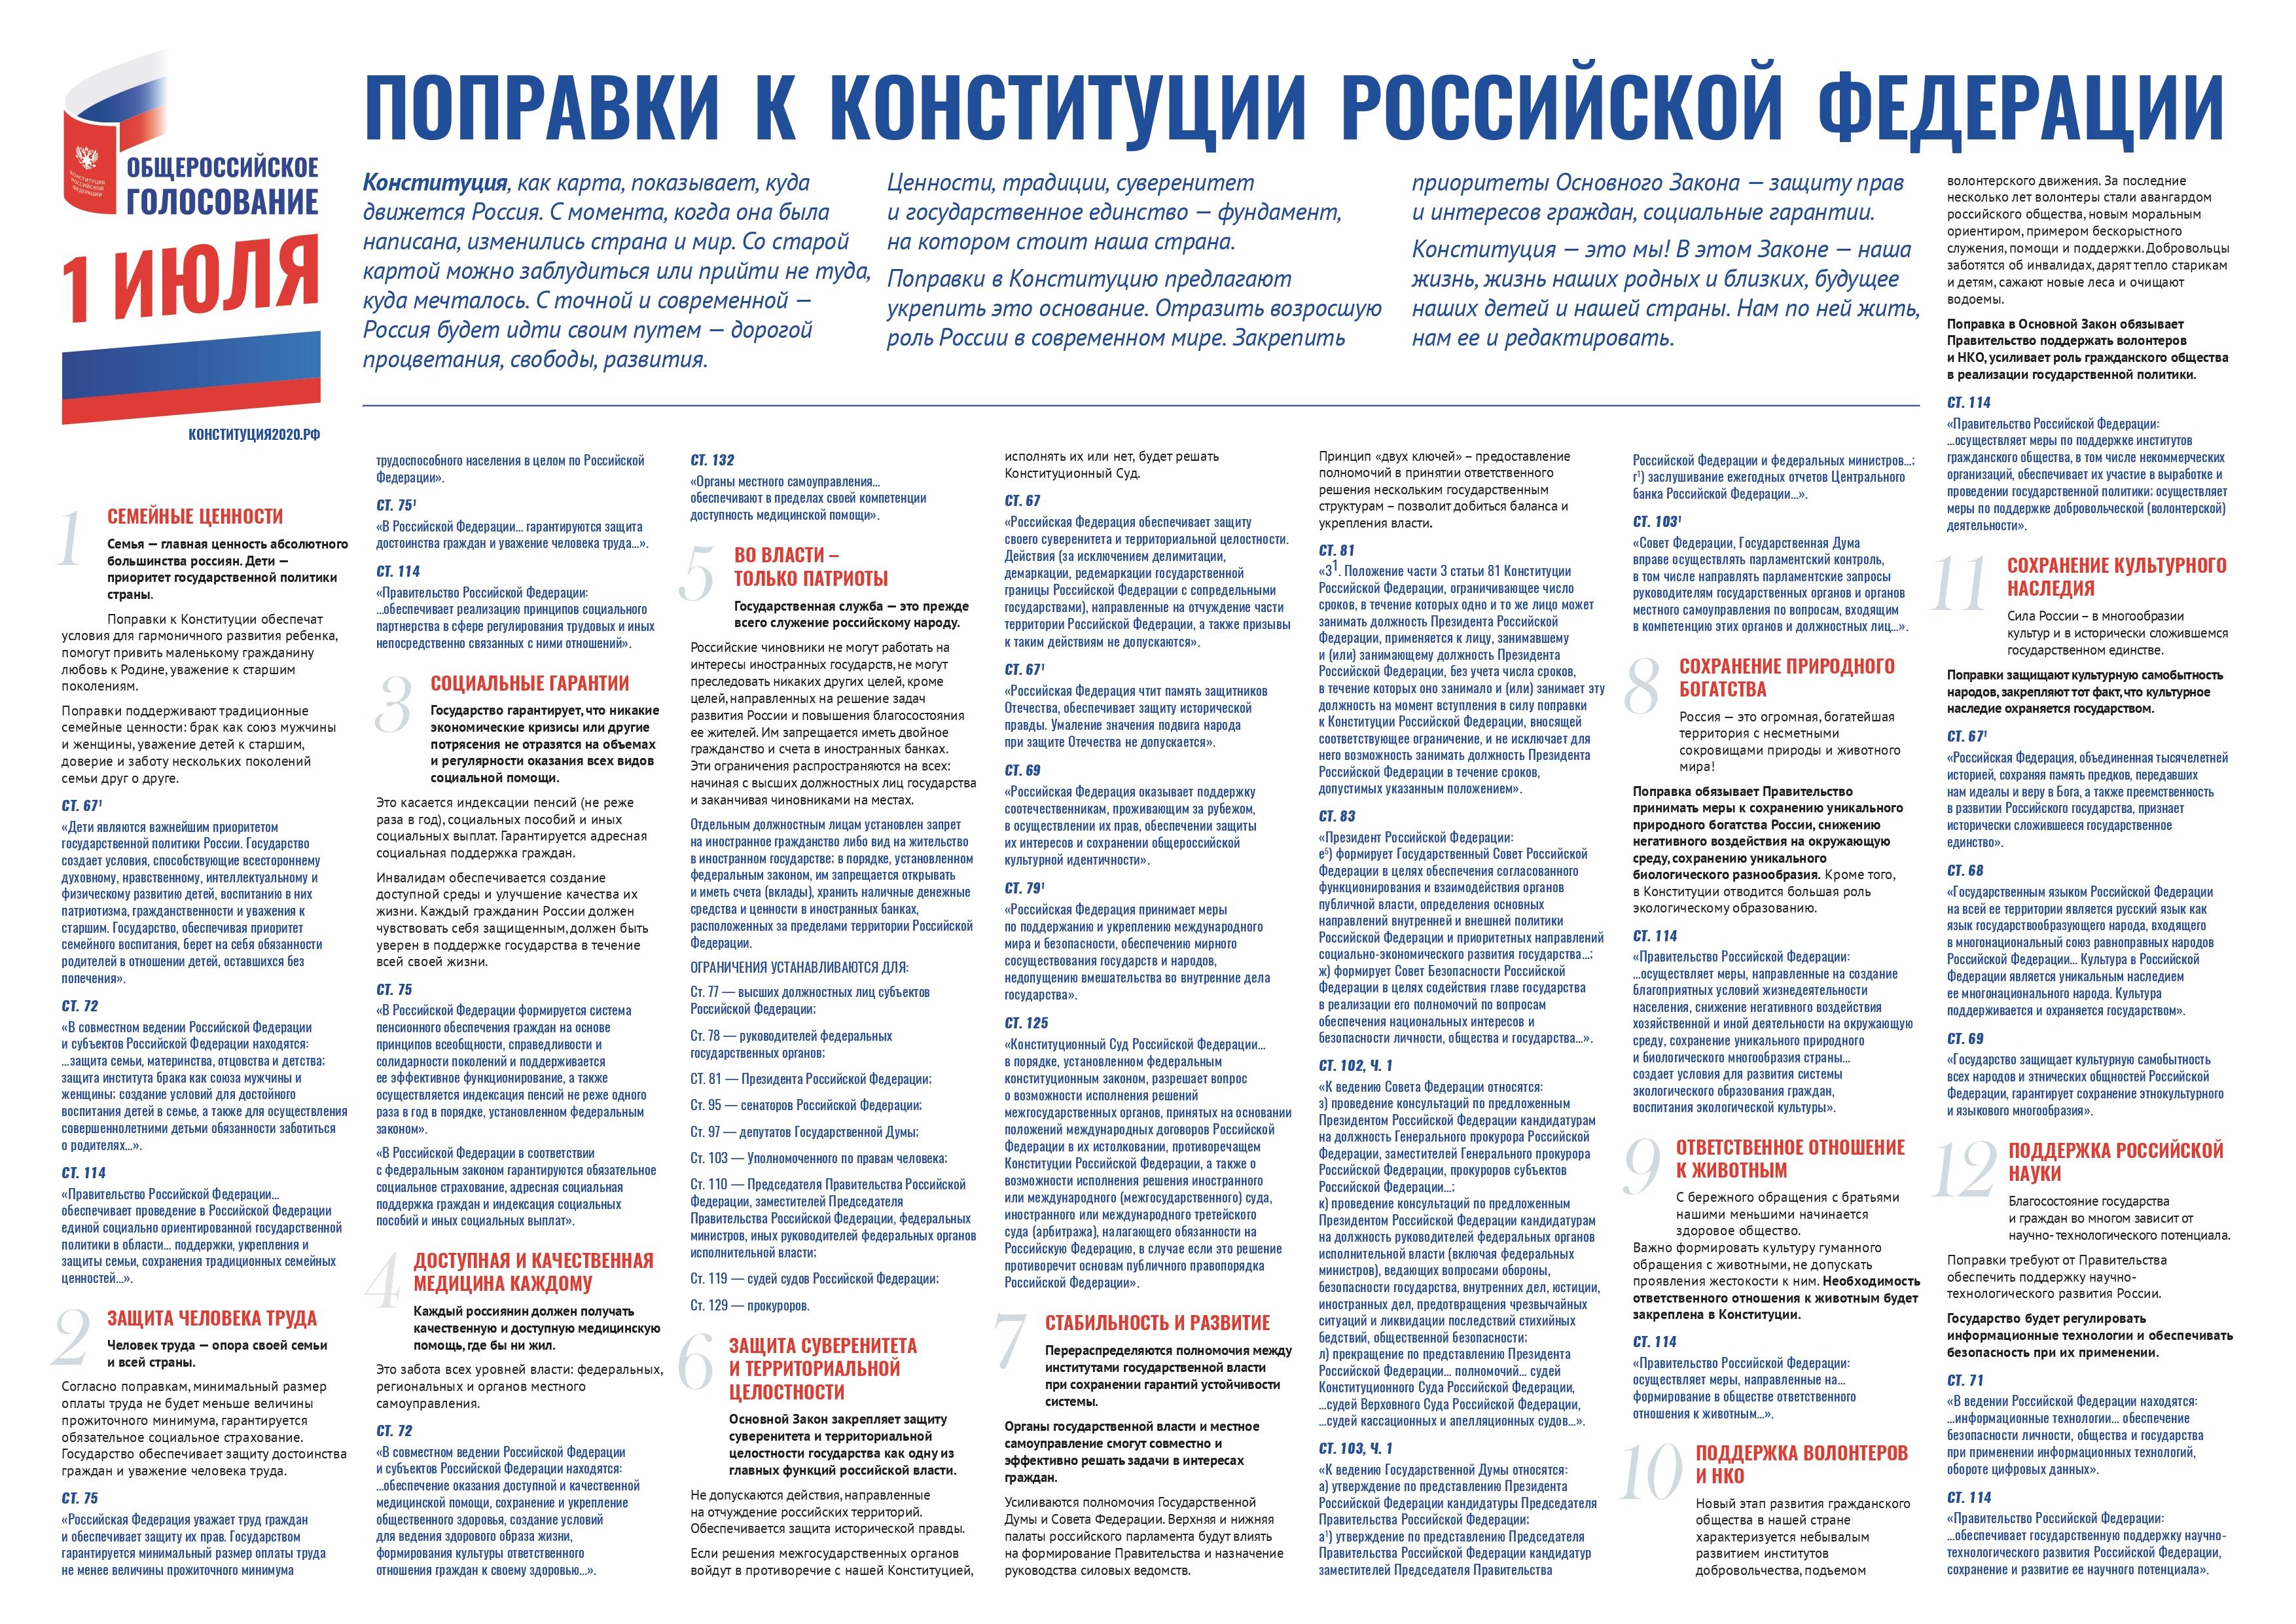 poster a2 popravki 7 4 page 0001 - 1 июля 2020 года общероссийское голосование по вопросу одобрения изменений в Конституцию Российской Федерации.